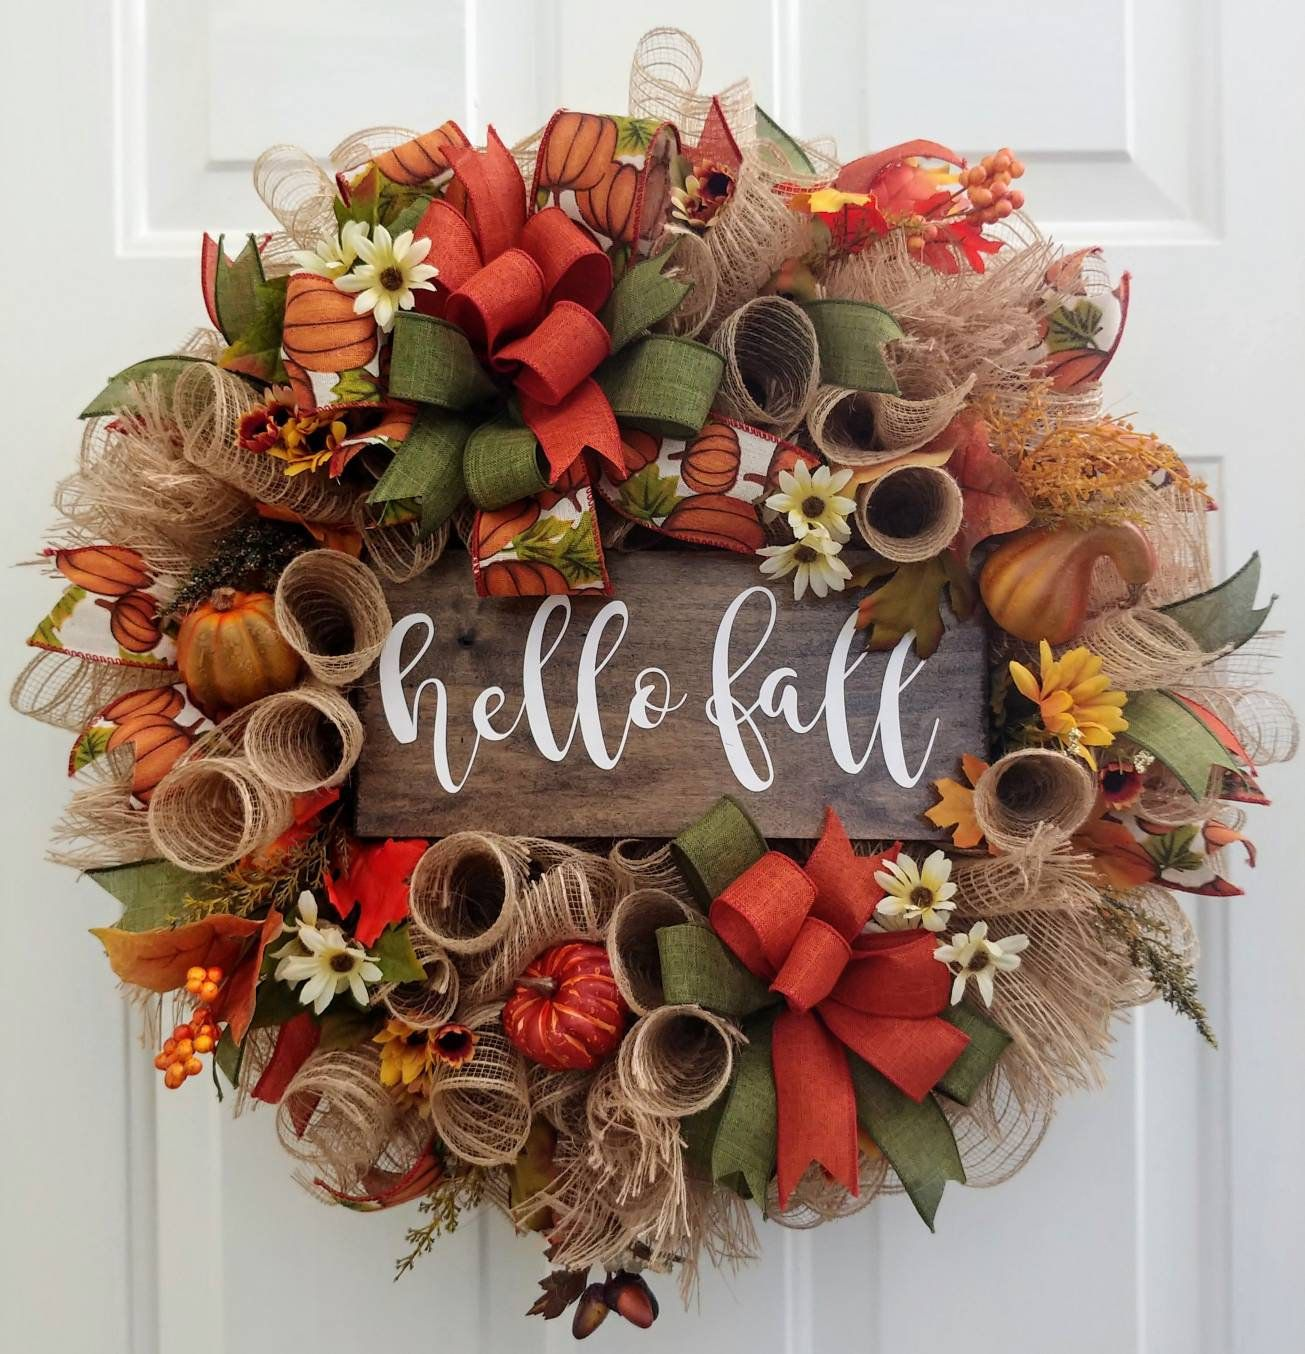 Fall wreath, hello fall wreath, burlap fall wreath, fall floral wreath, fall door wreath, Thanksgiving wreath, Autumn wreath #hellofall